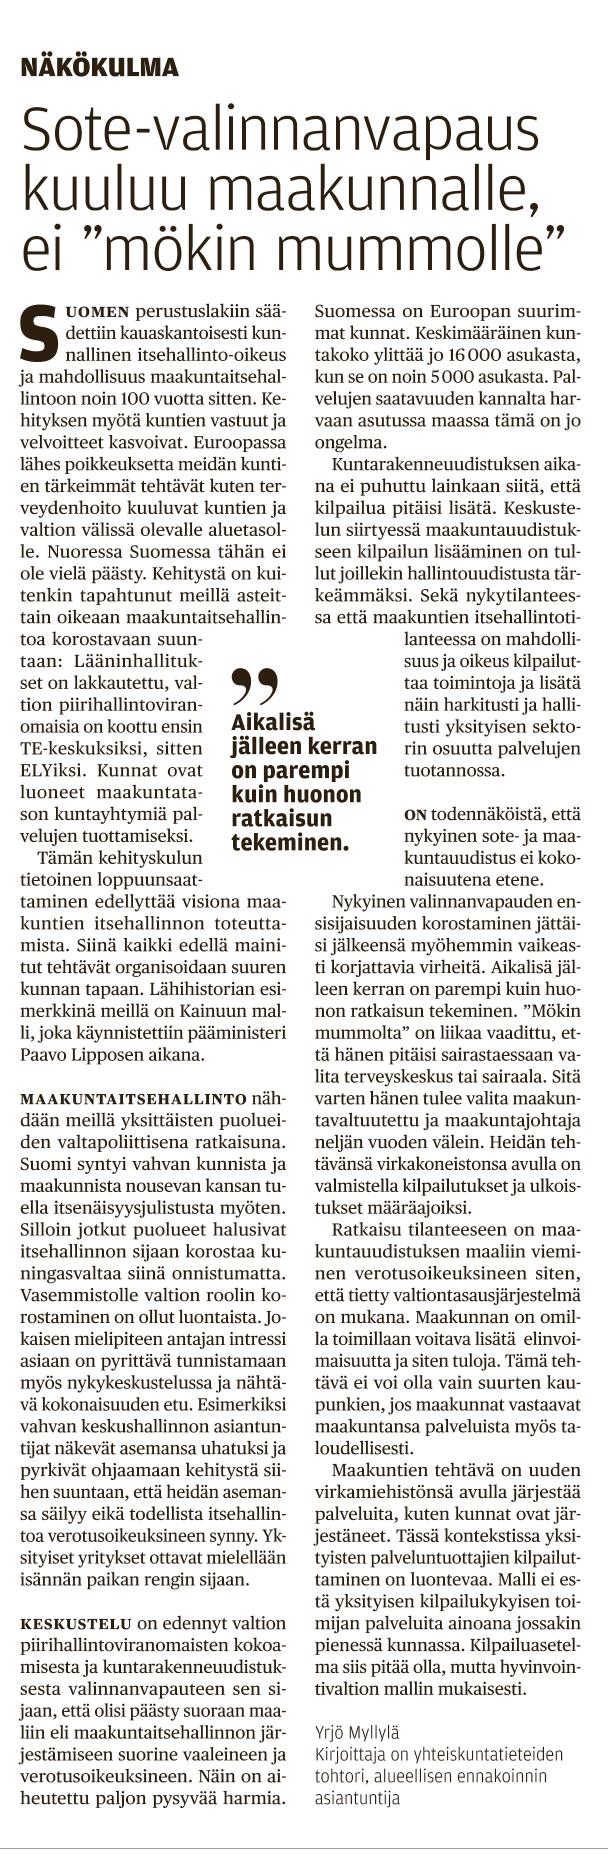 Sote-valinnanvapaus kuuluu maakunnalle, Etelä-Saimaa 18.12.2017